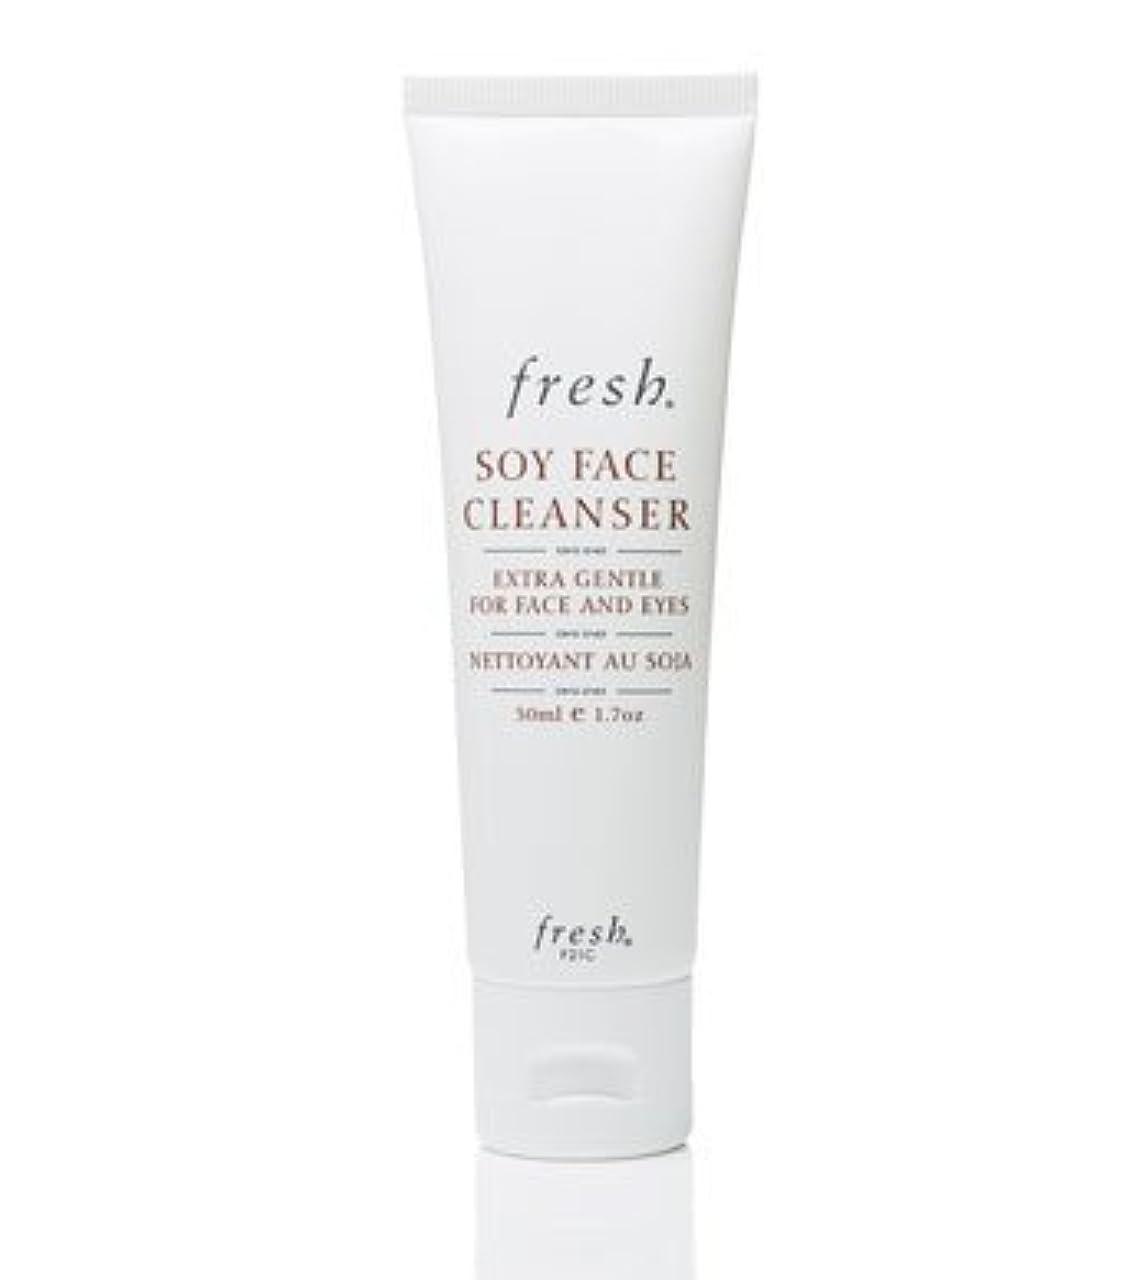 Fresh SOY FACE CLEANSER (フレッシュ ソイ フェイスクレンザー) 1.7 oz (50ml) by Fresh for Women